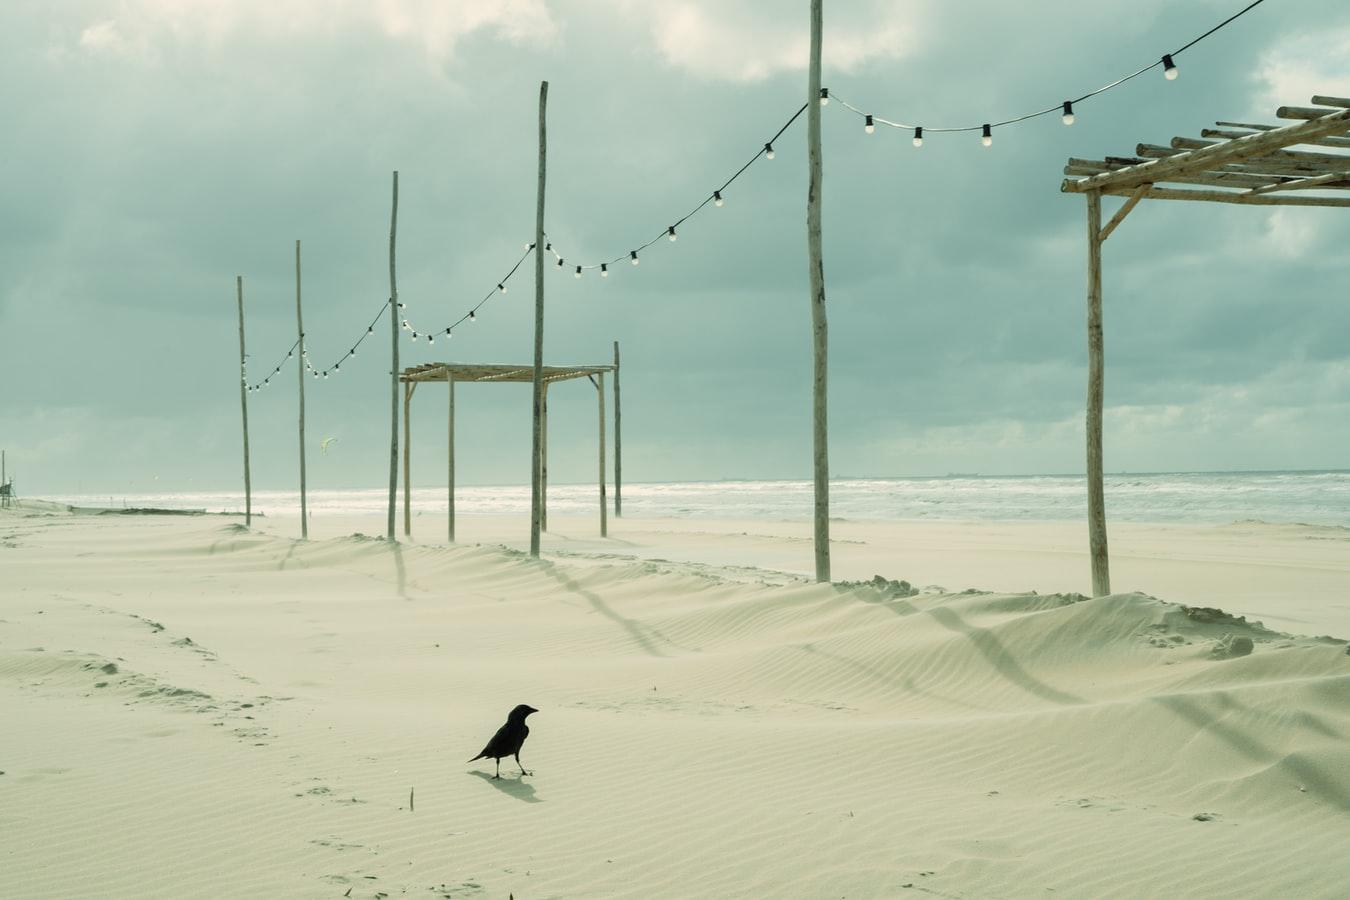 Strand in Nordwijk am Zee Niederlande